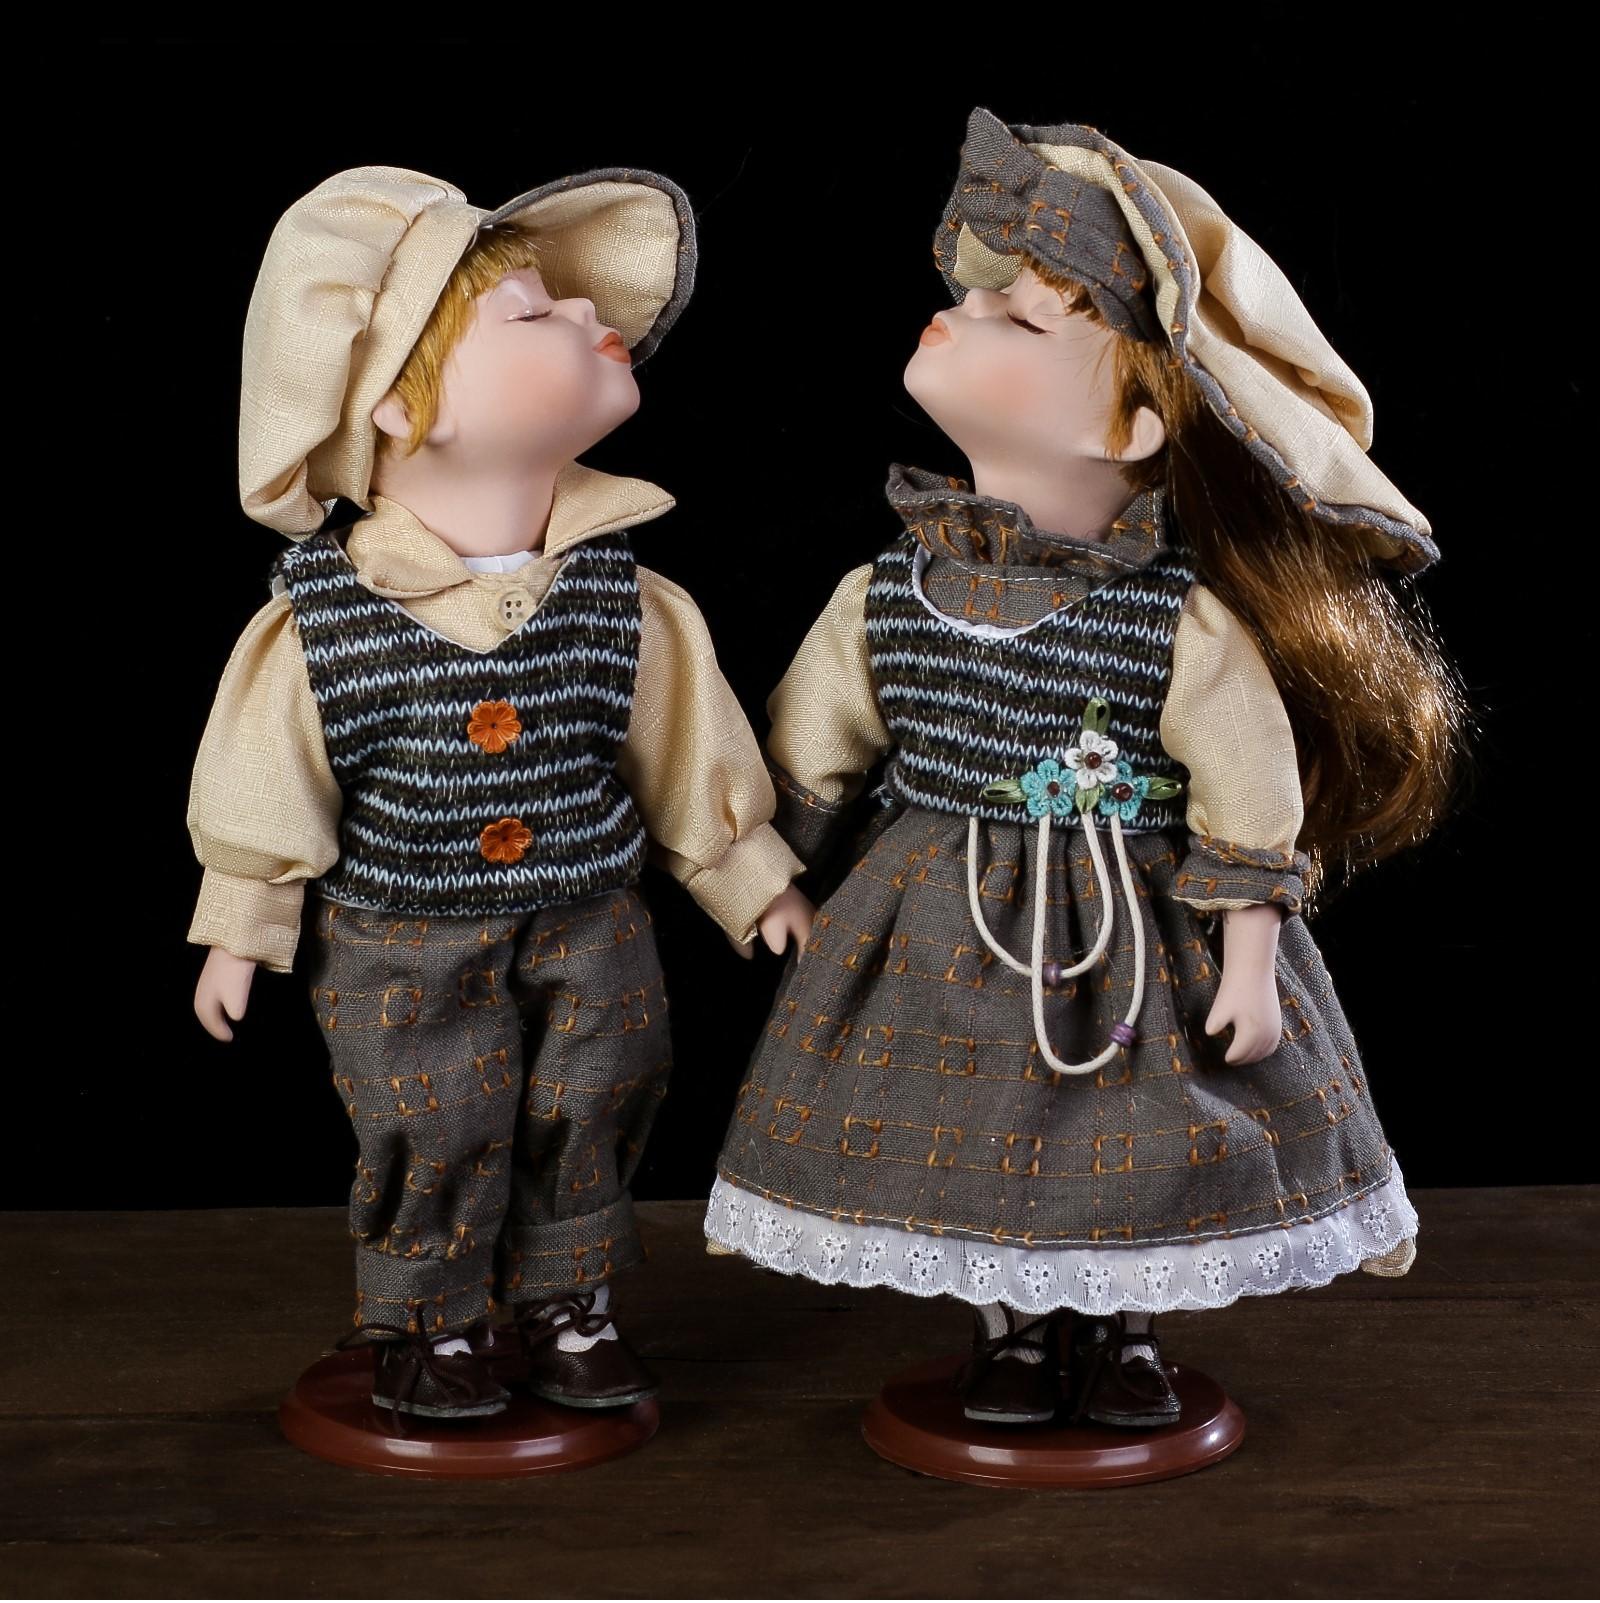 куклы поцелуйчики фото сильнорослые, длинные